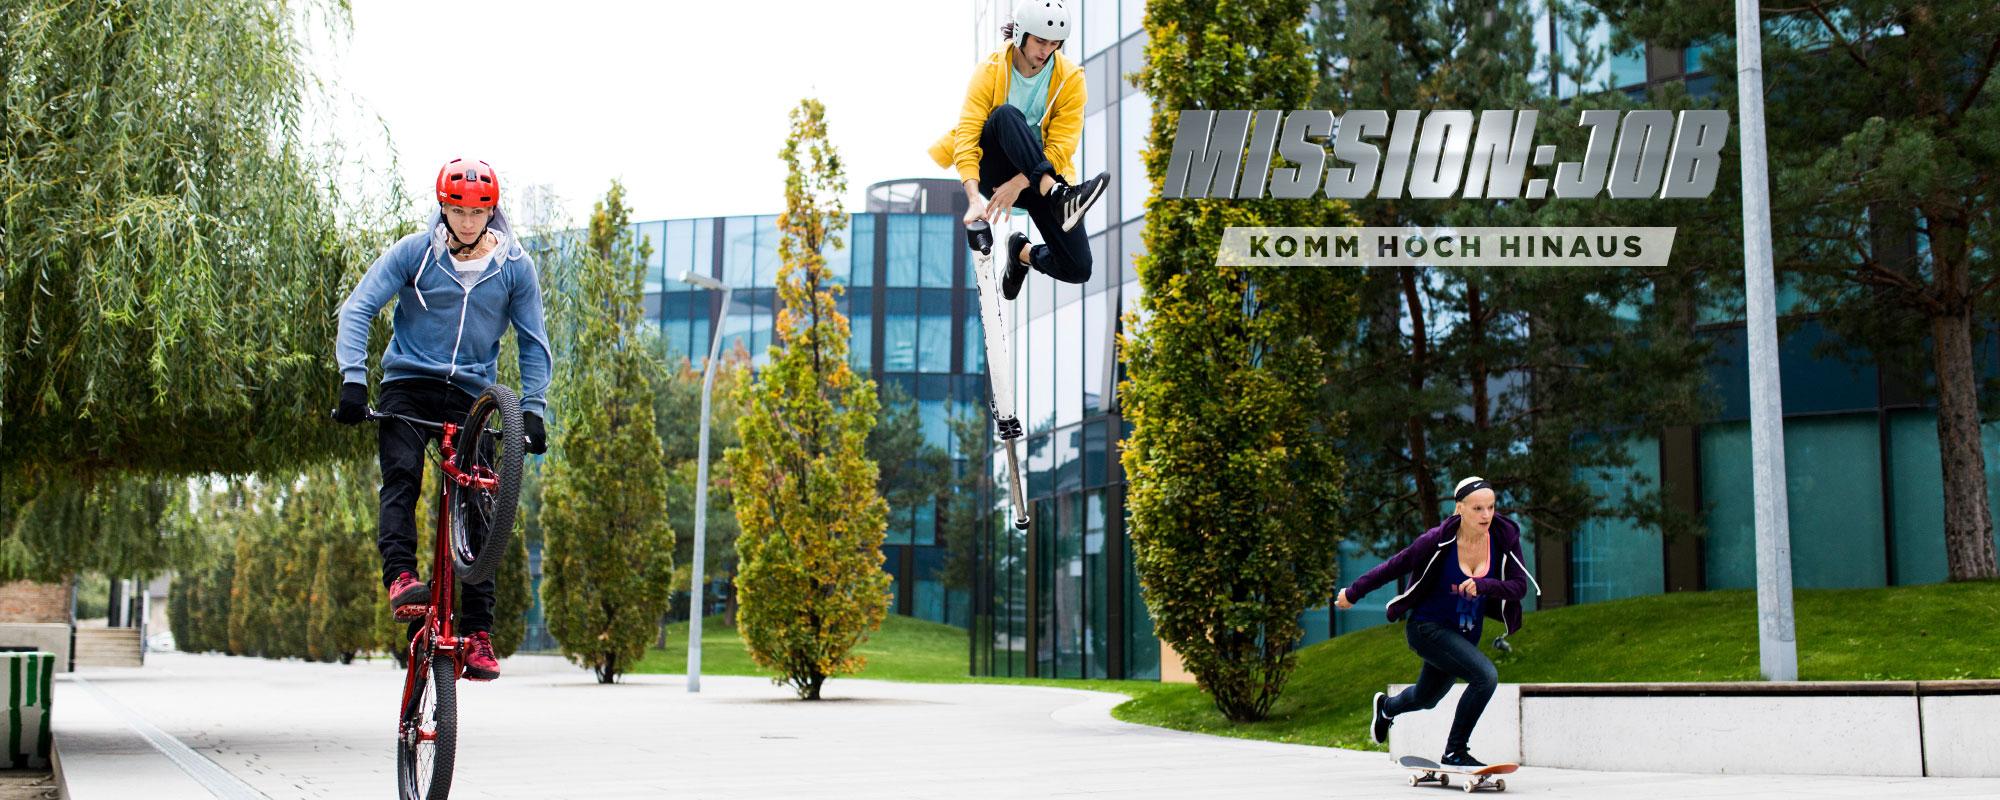 Mission:Job – Komm Hoch Hinaus